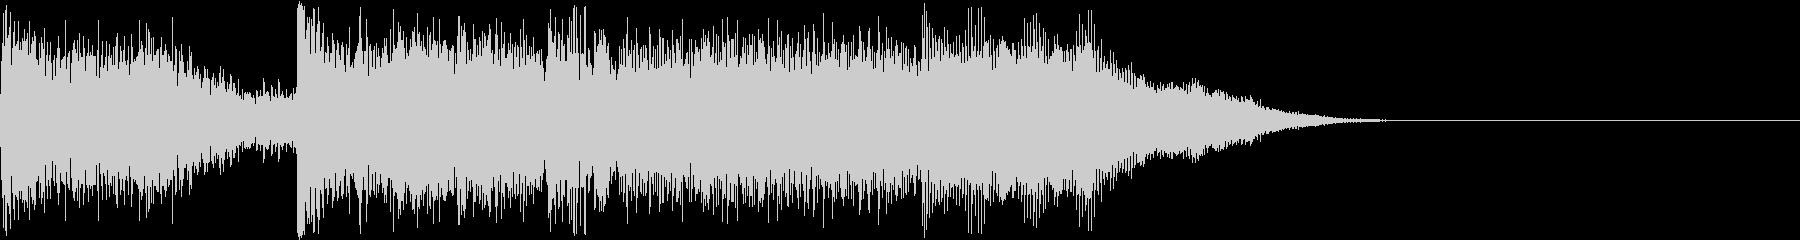 AI メカ/ロボ/マシン動作音 38 短の未再生の波形